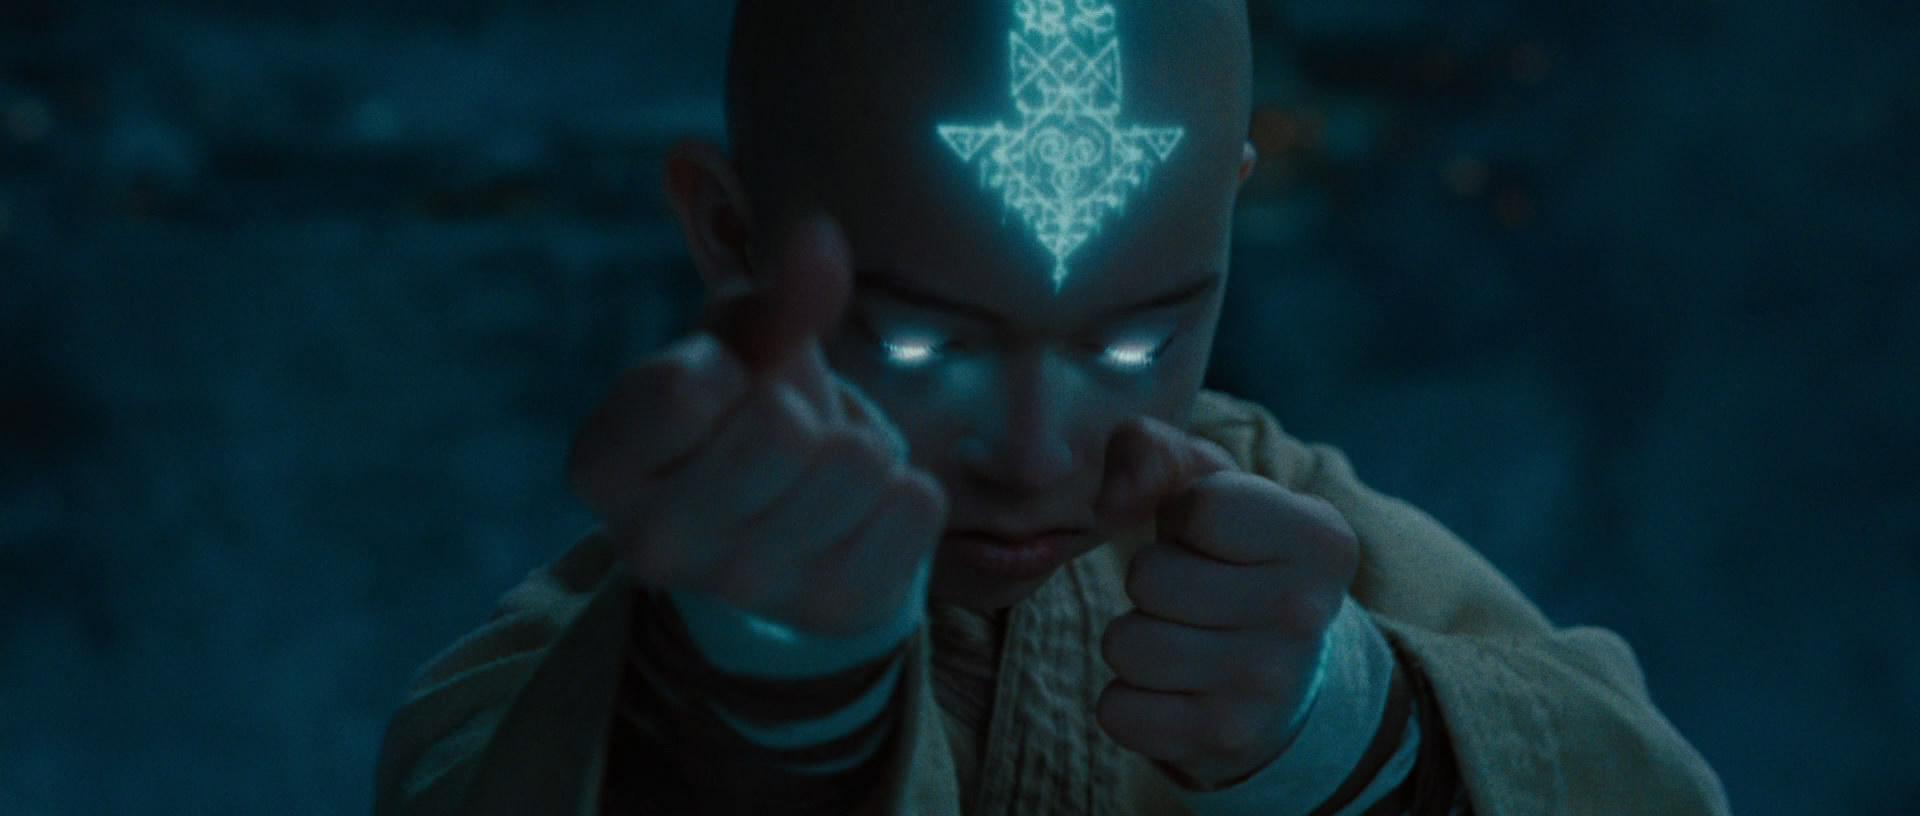 смотреть кино аватар аанг